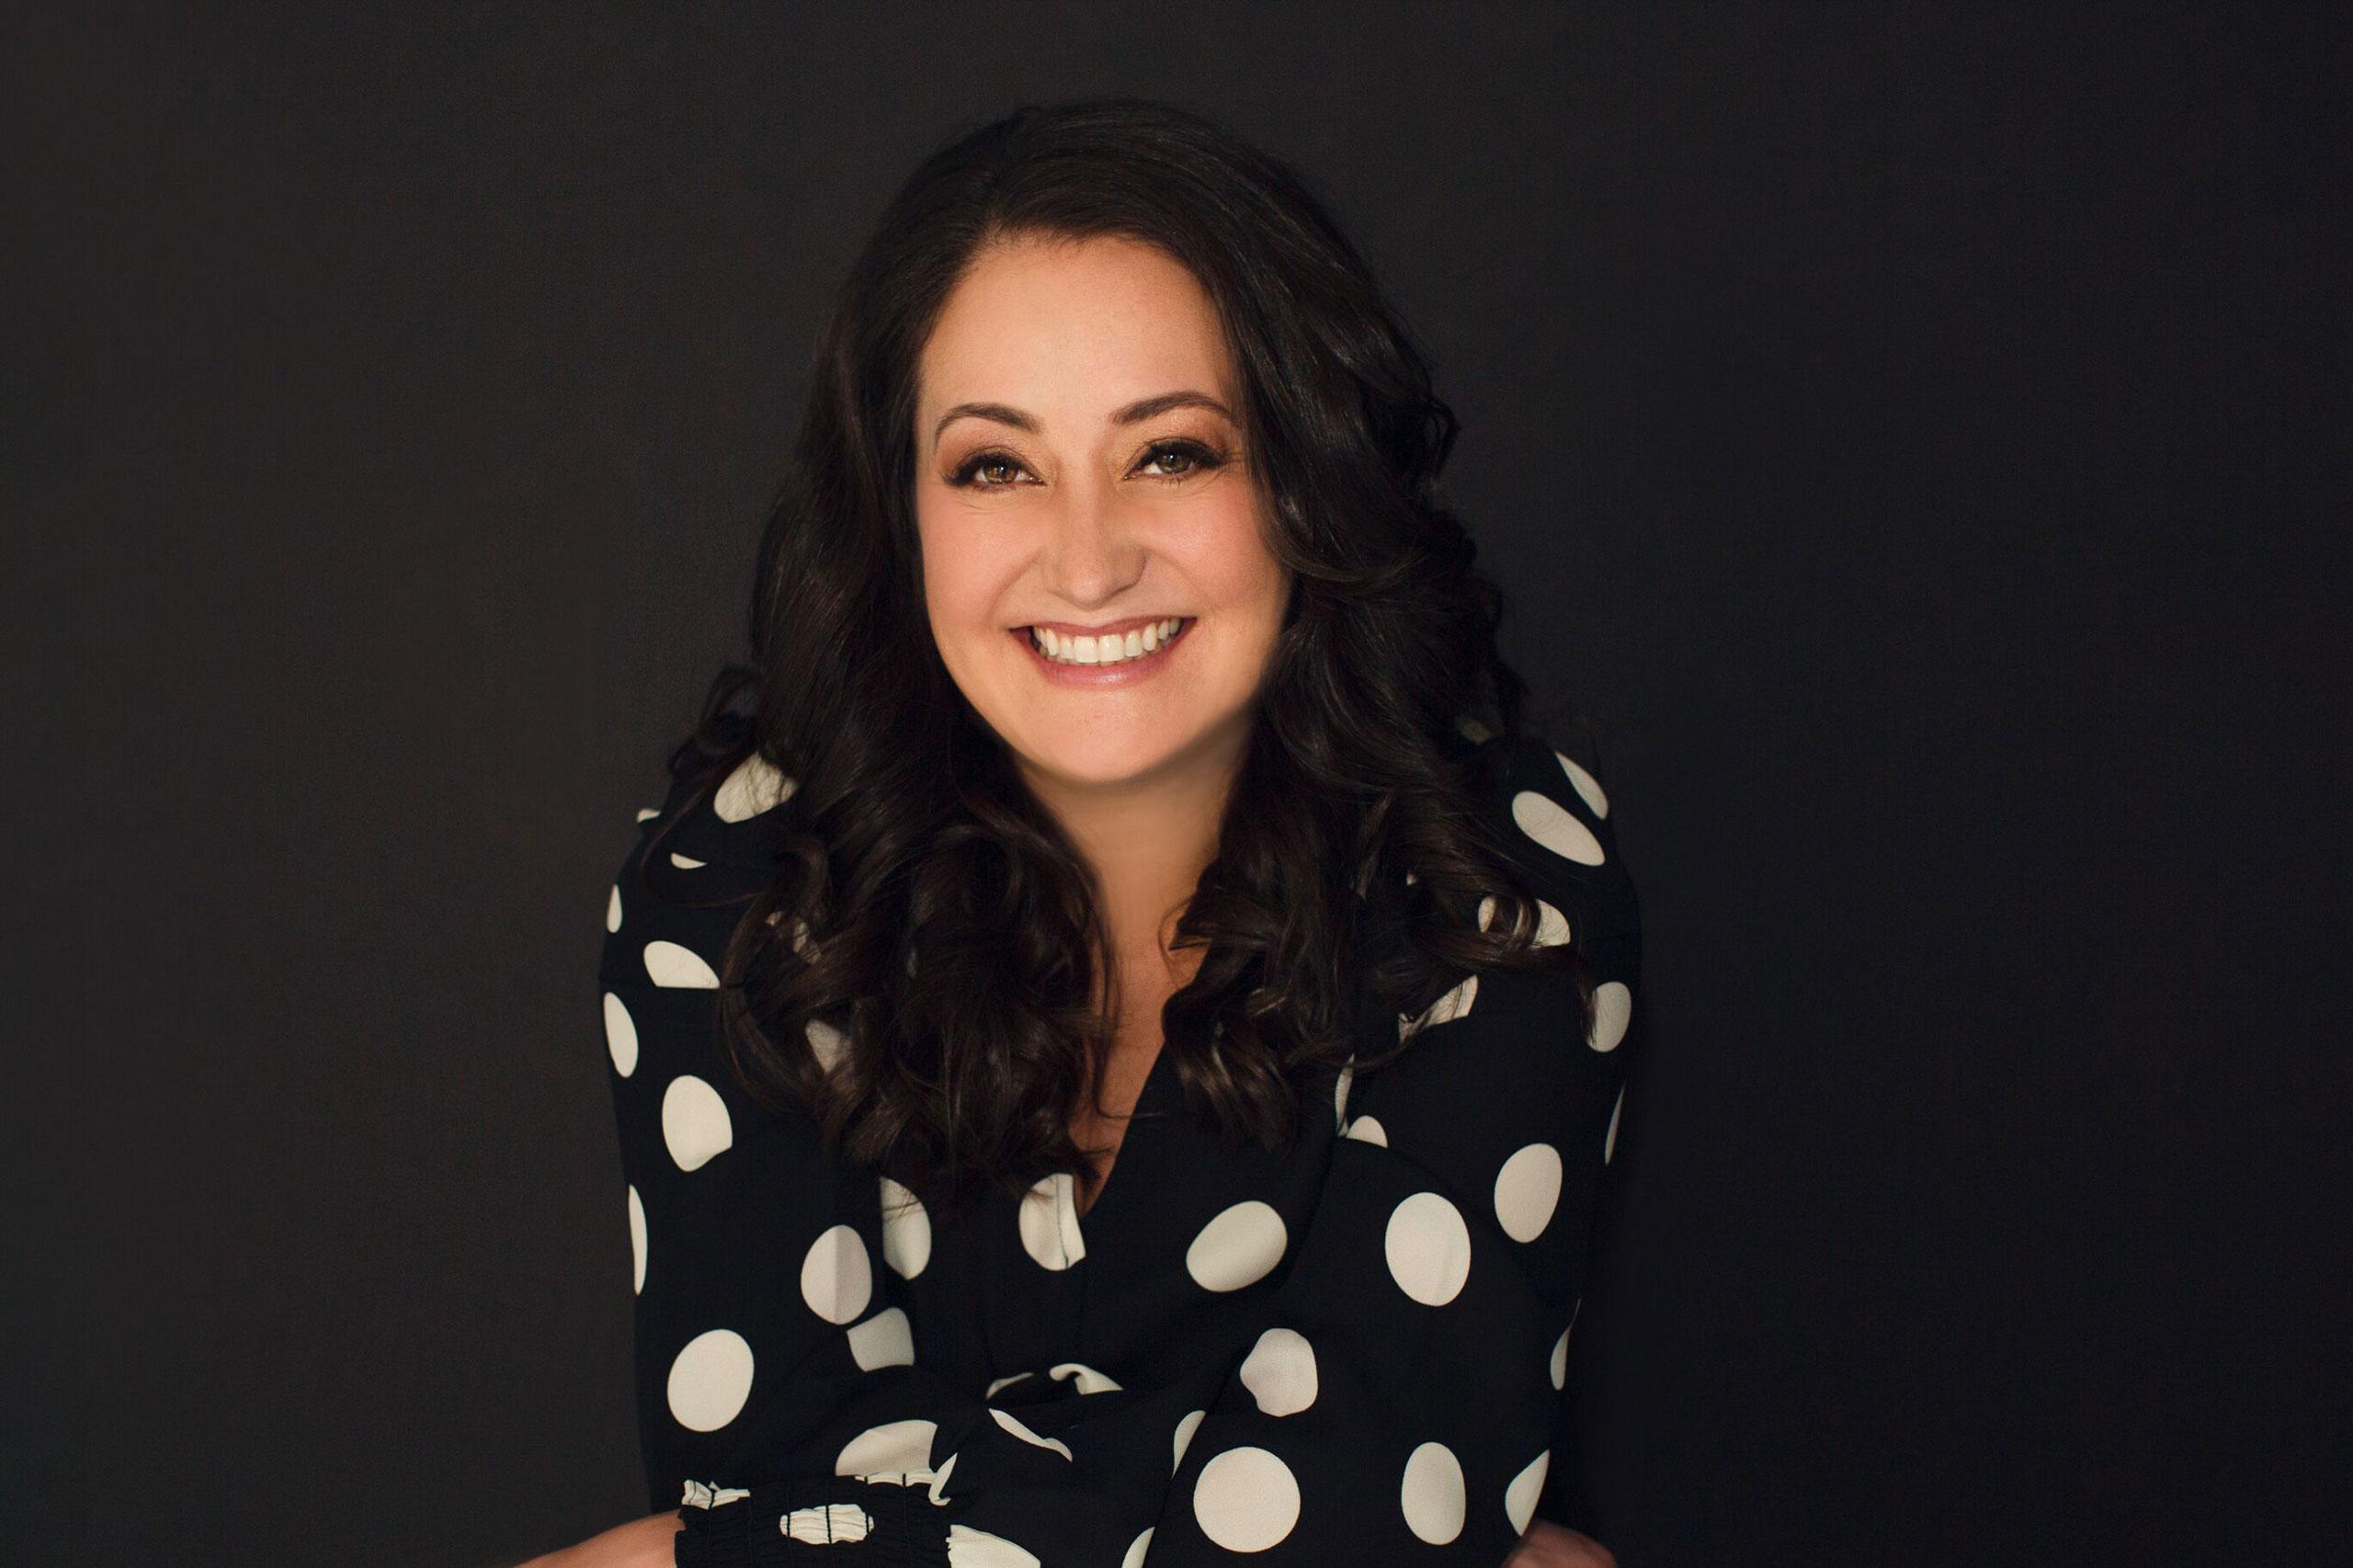 Suzanne O'Brien